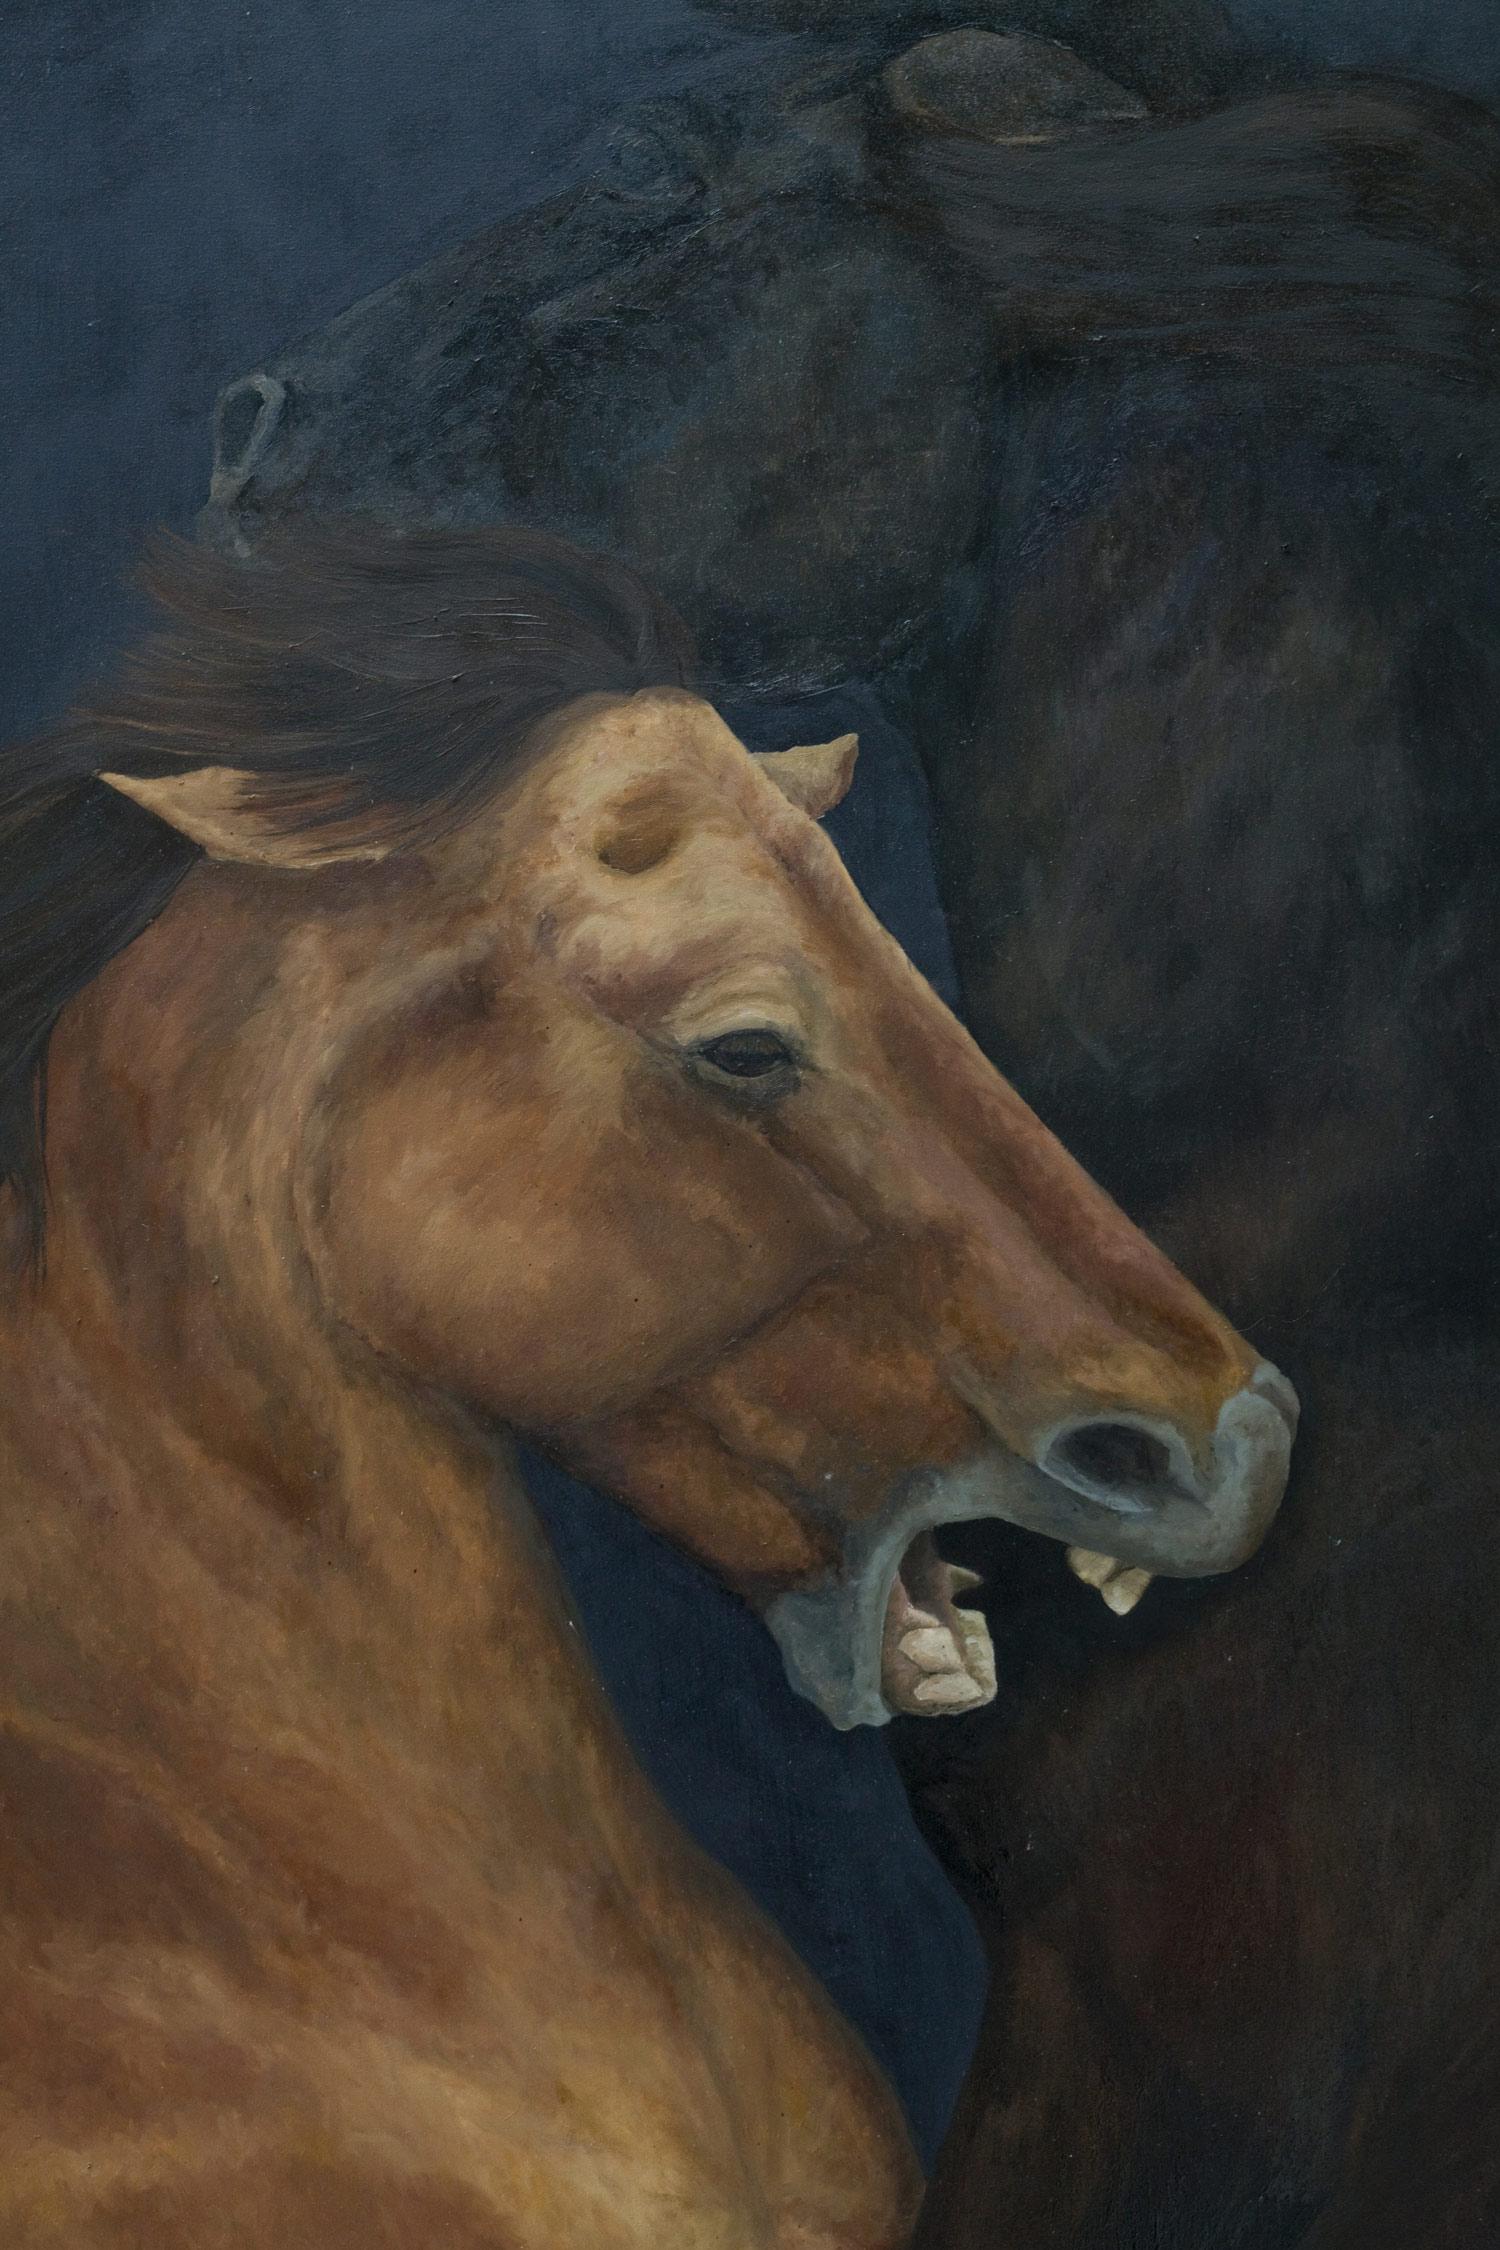 Laura Link . ohne Titel . 2015 . Öl auf Leinwand . 210 x 195 . Detailansicht